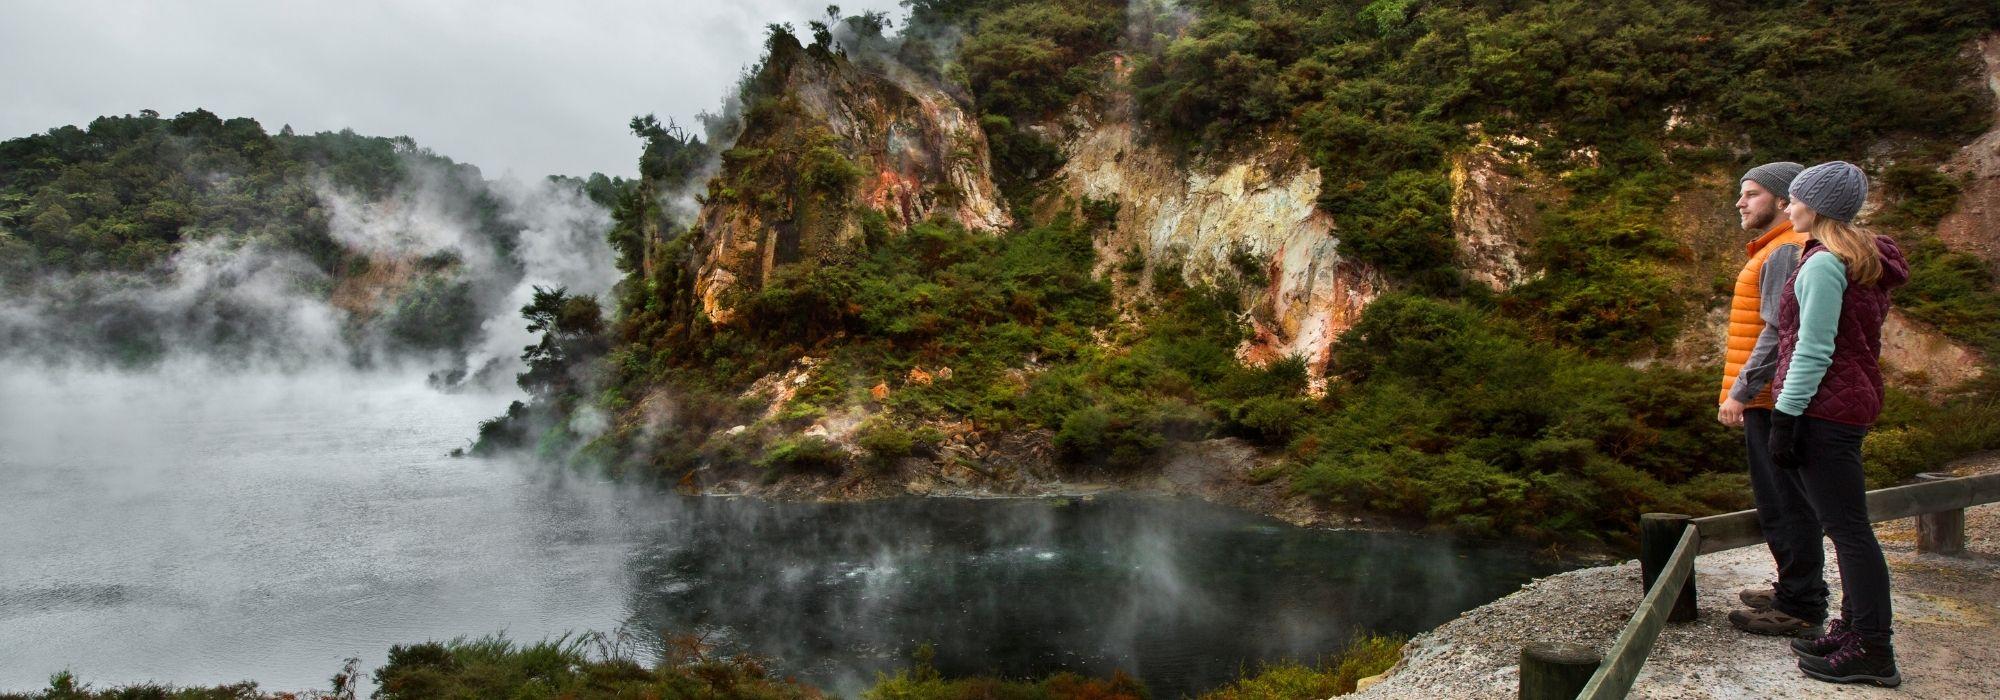 A mint winter day in Rotorua